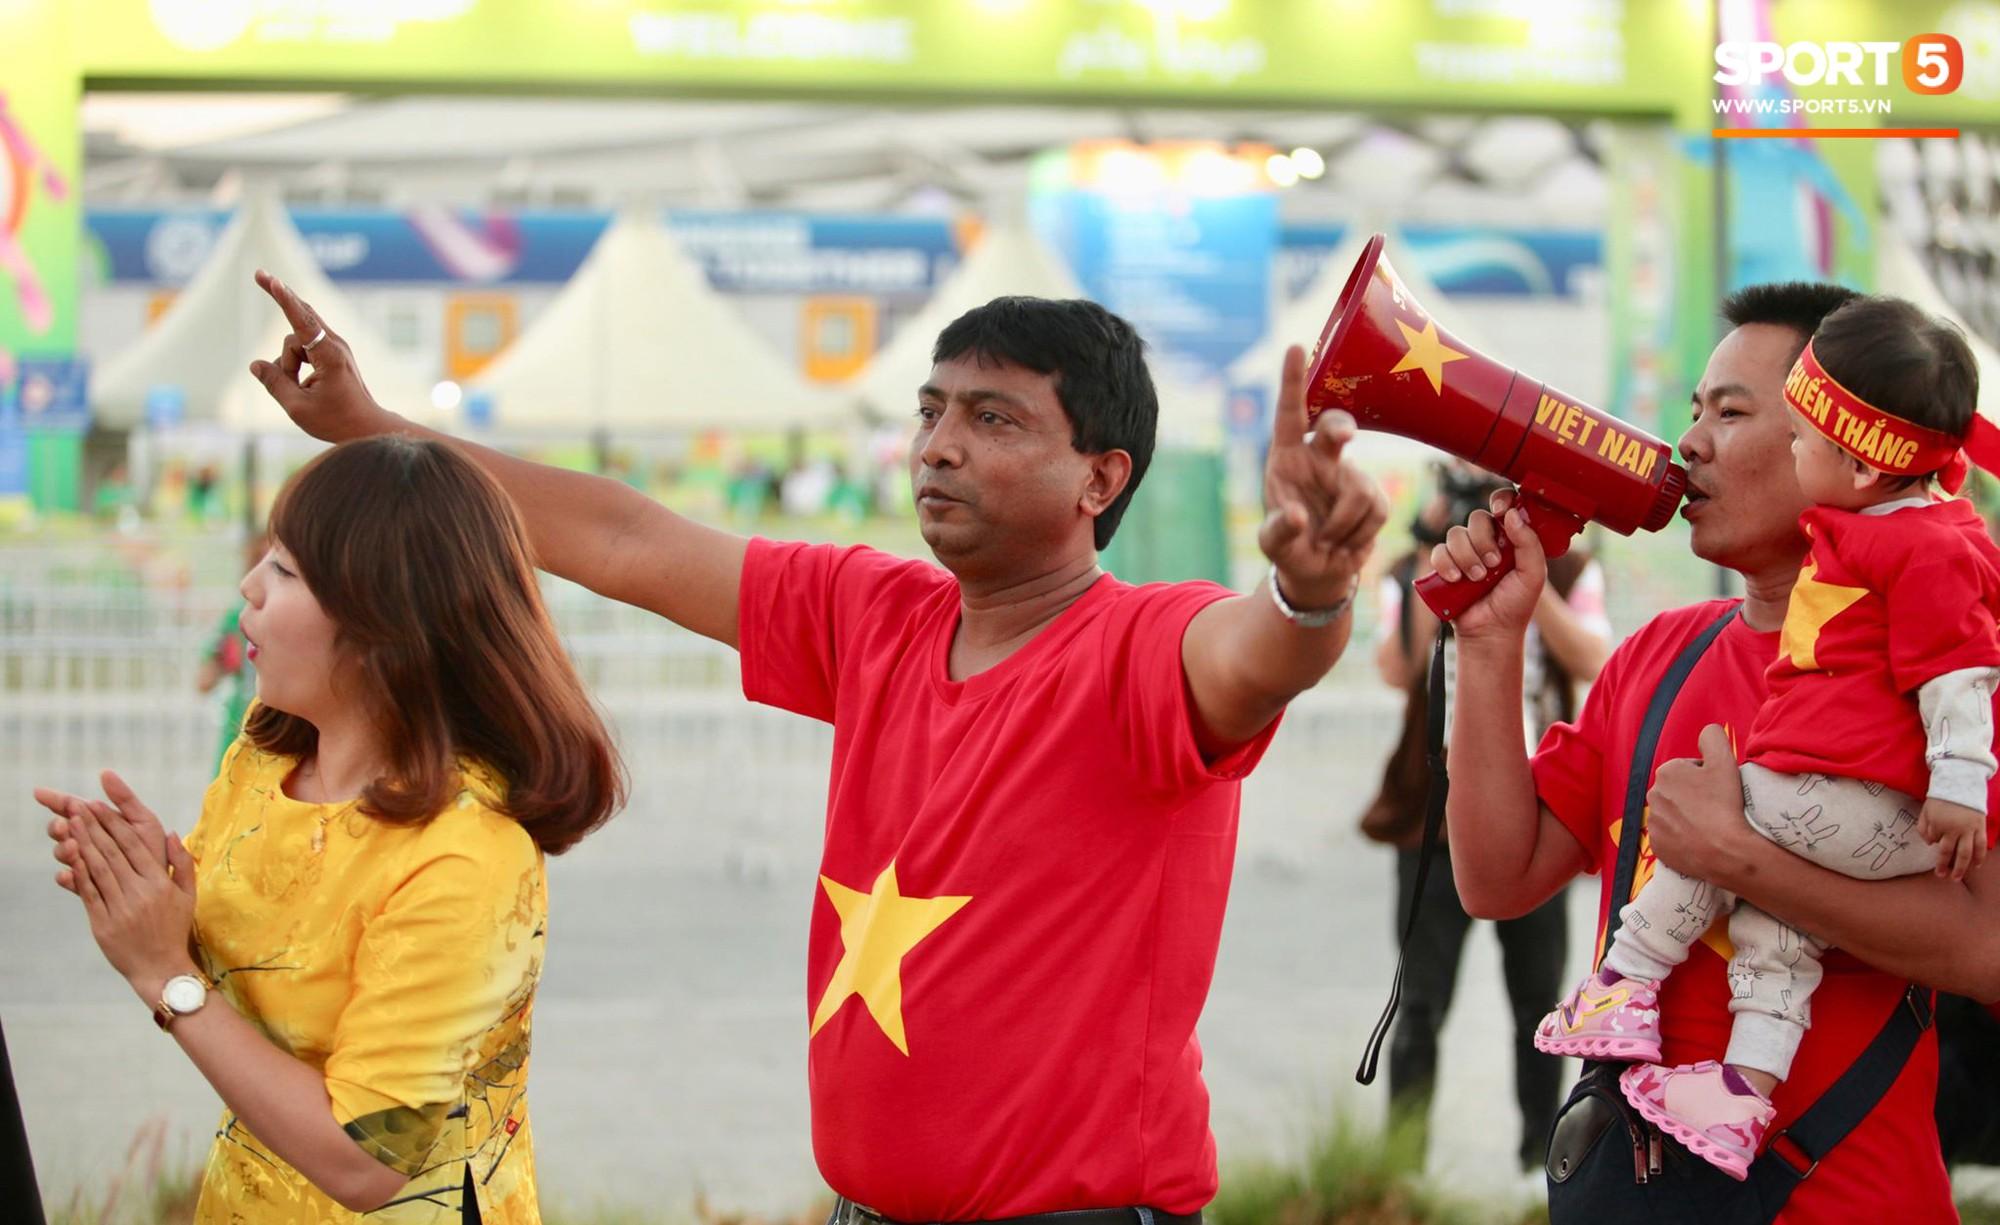 Cổ động viên Sài Gòn tiếp lửa cho đội tuyển Việt Nam lúc nửa đêm-5